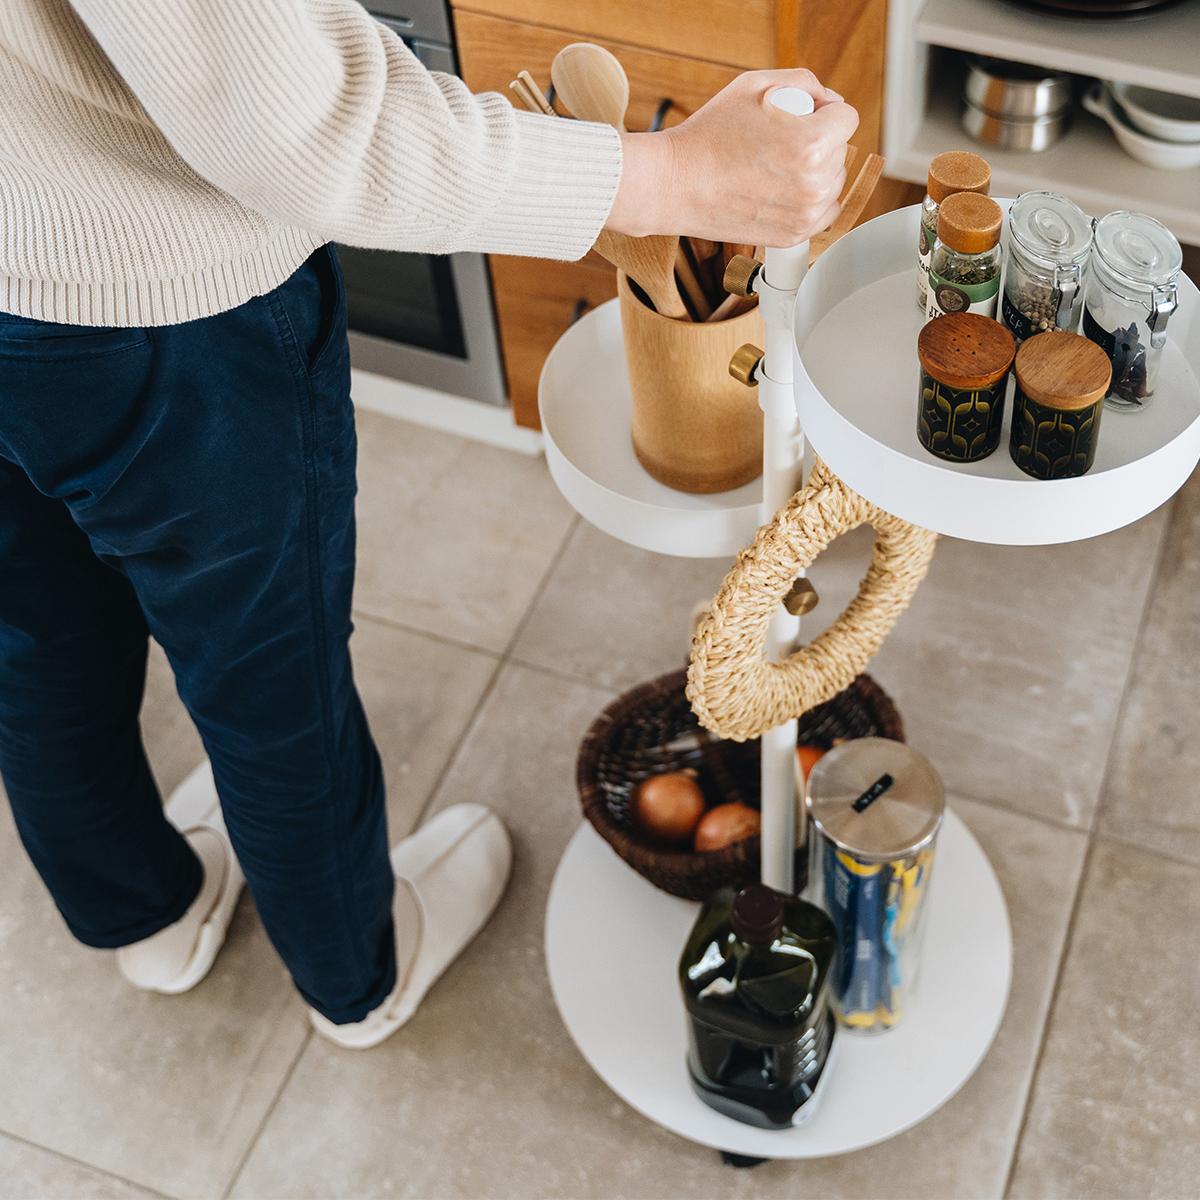 よく使う調味料やカトラリーを載せて、キッチンワゴンとして。キッチンとダイニングの行き来がスムーズです。キャスター台つきポール「Move Rod(ムーブロッド)」|DRAW A LINE(ドローアライン)